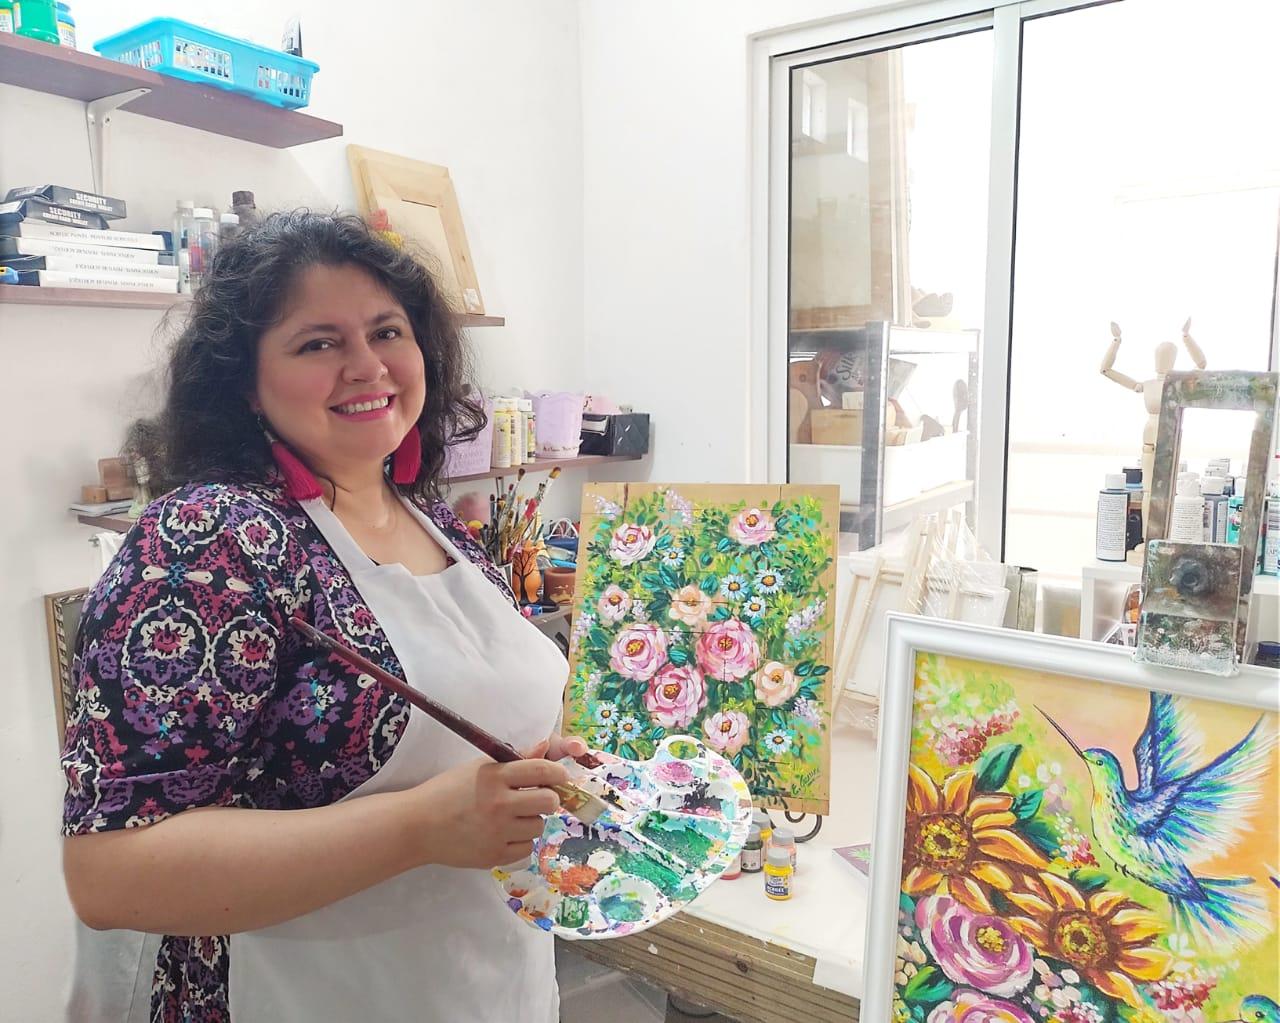 Conoce la historia de Elisa Guerra y su emprendimiento de pinturas